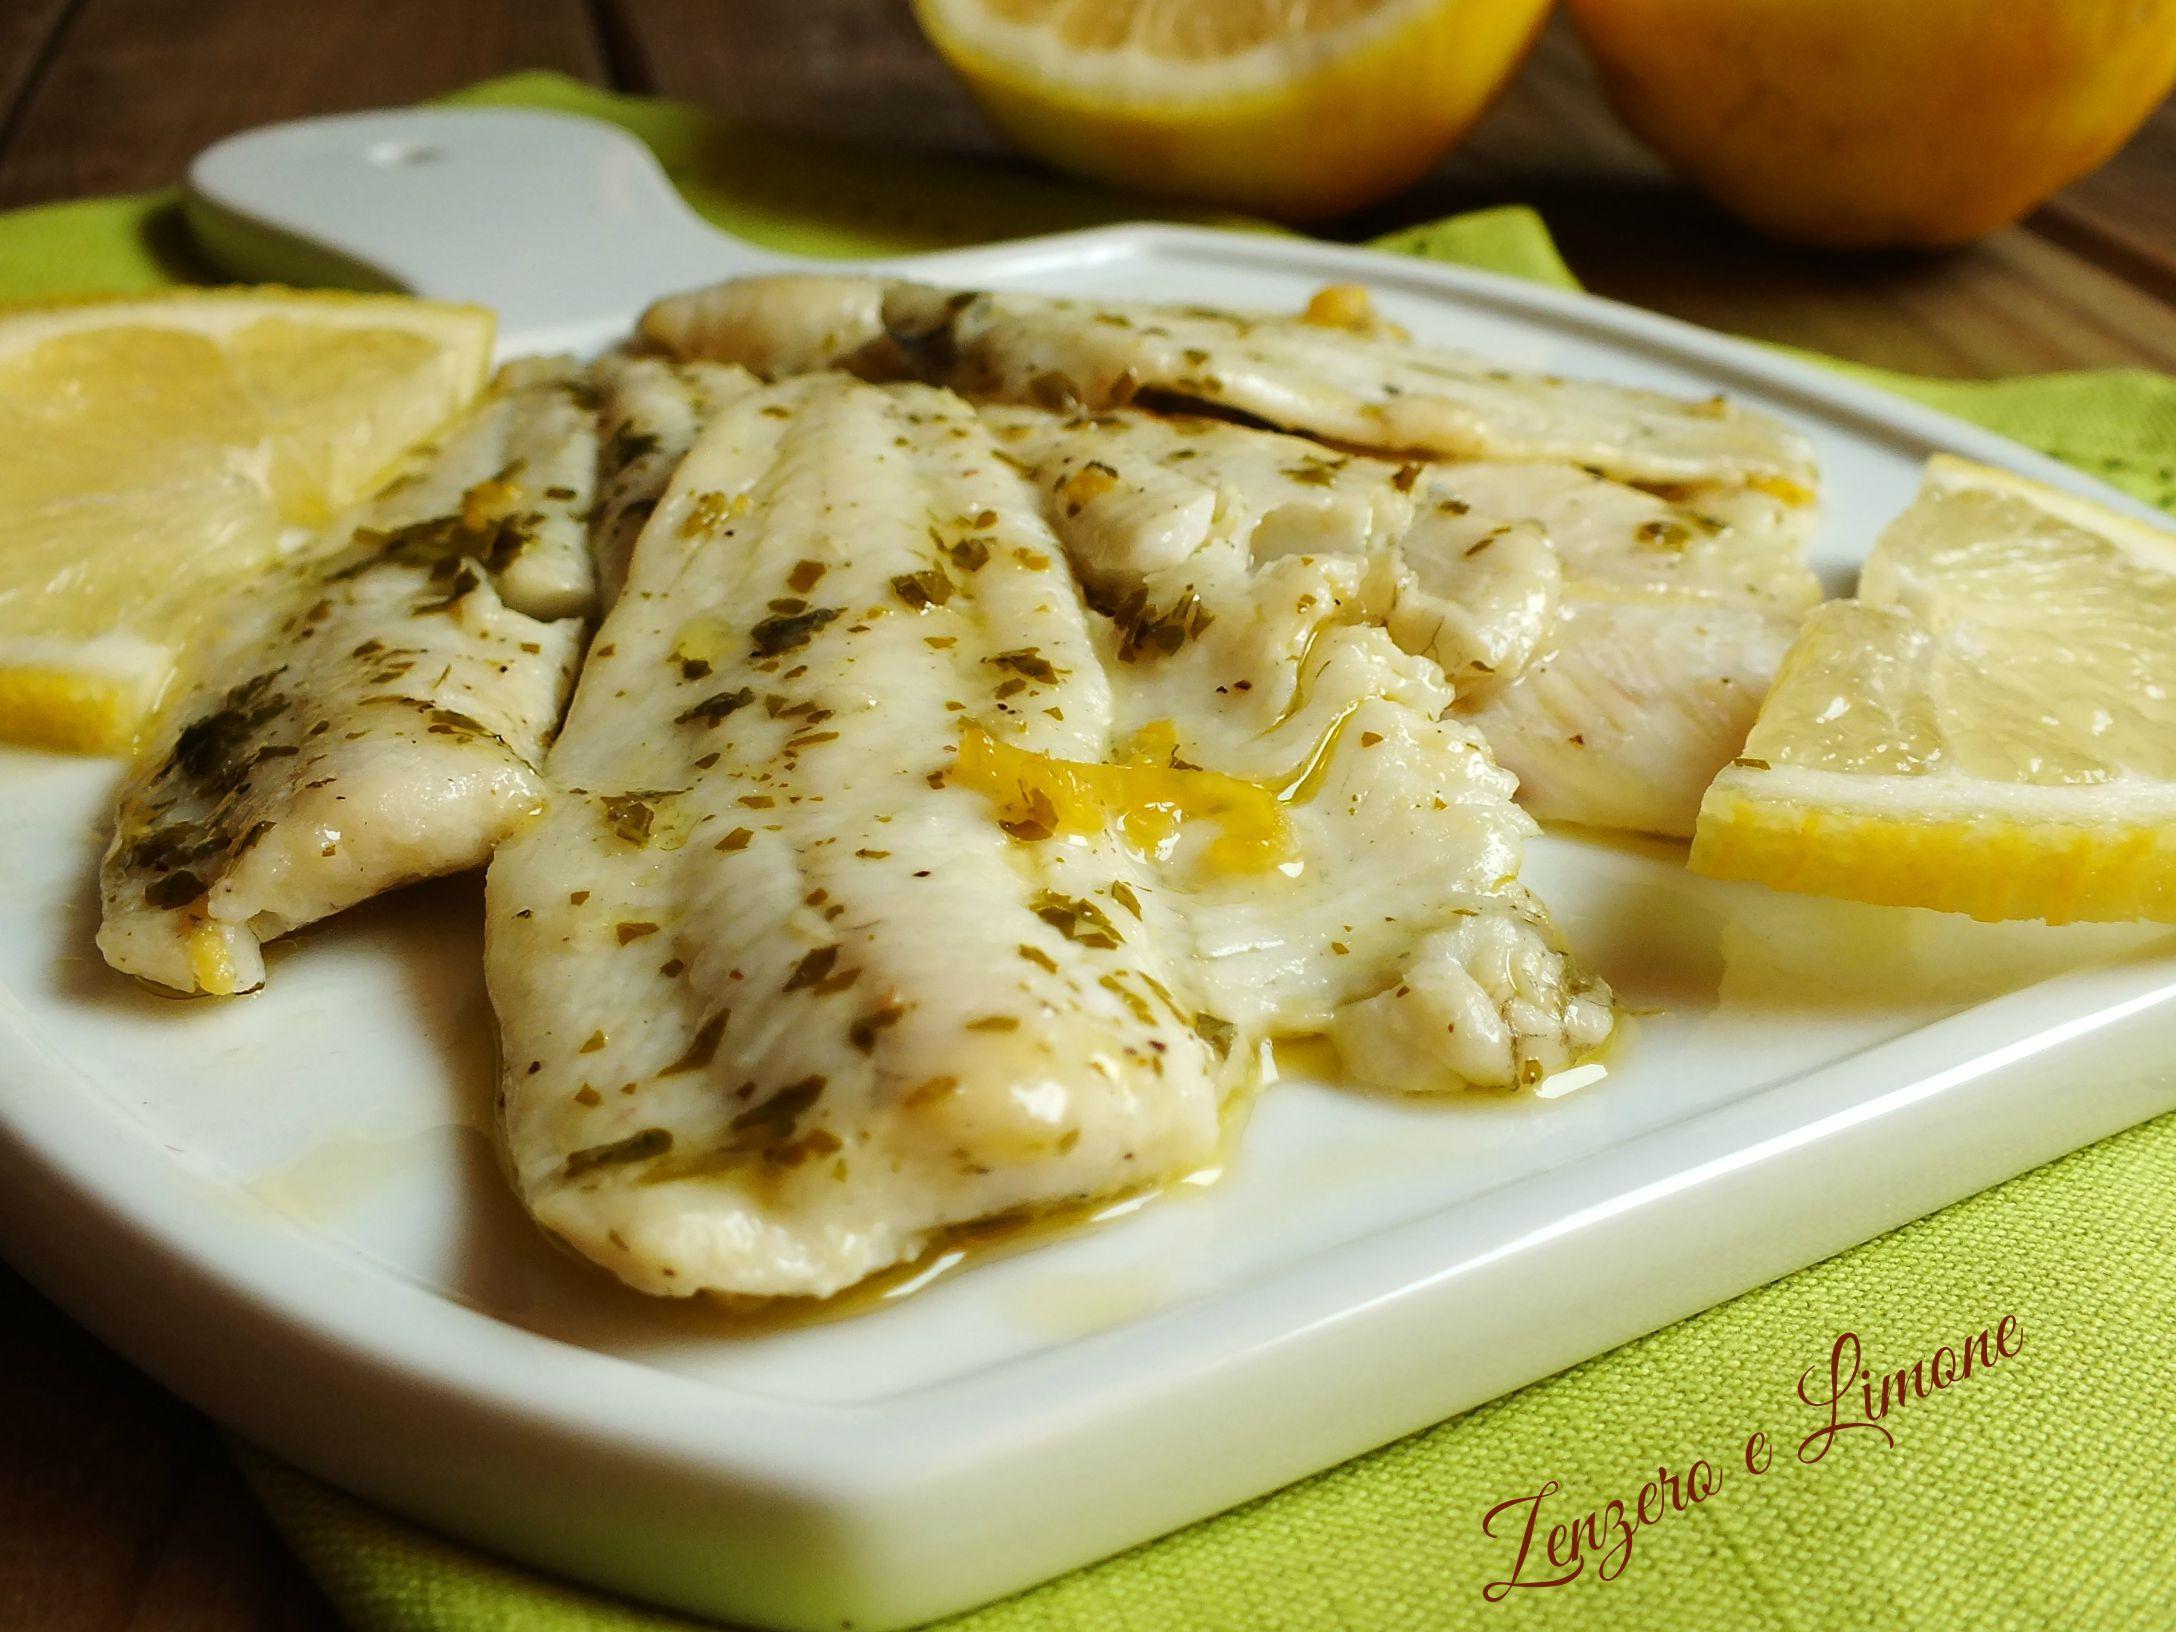 filetti di platessa al limone dettaglio